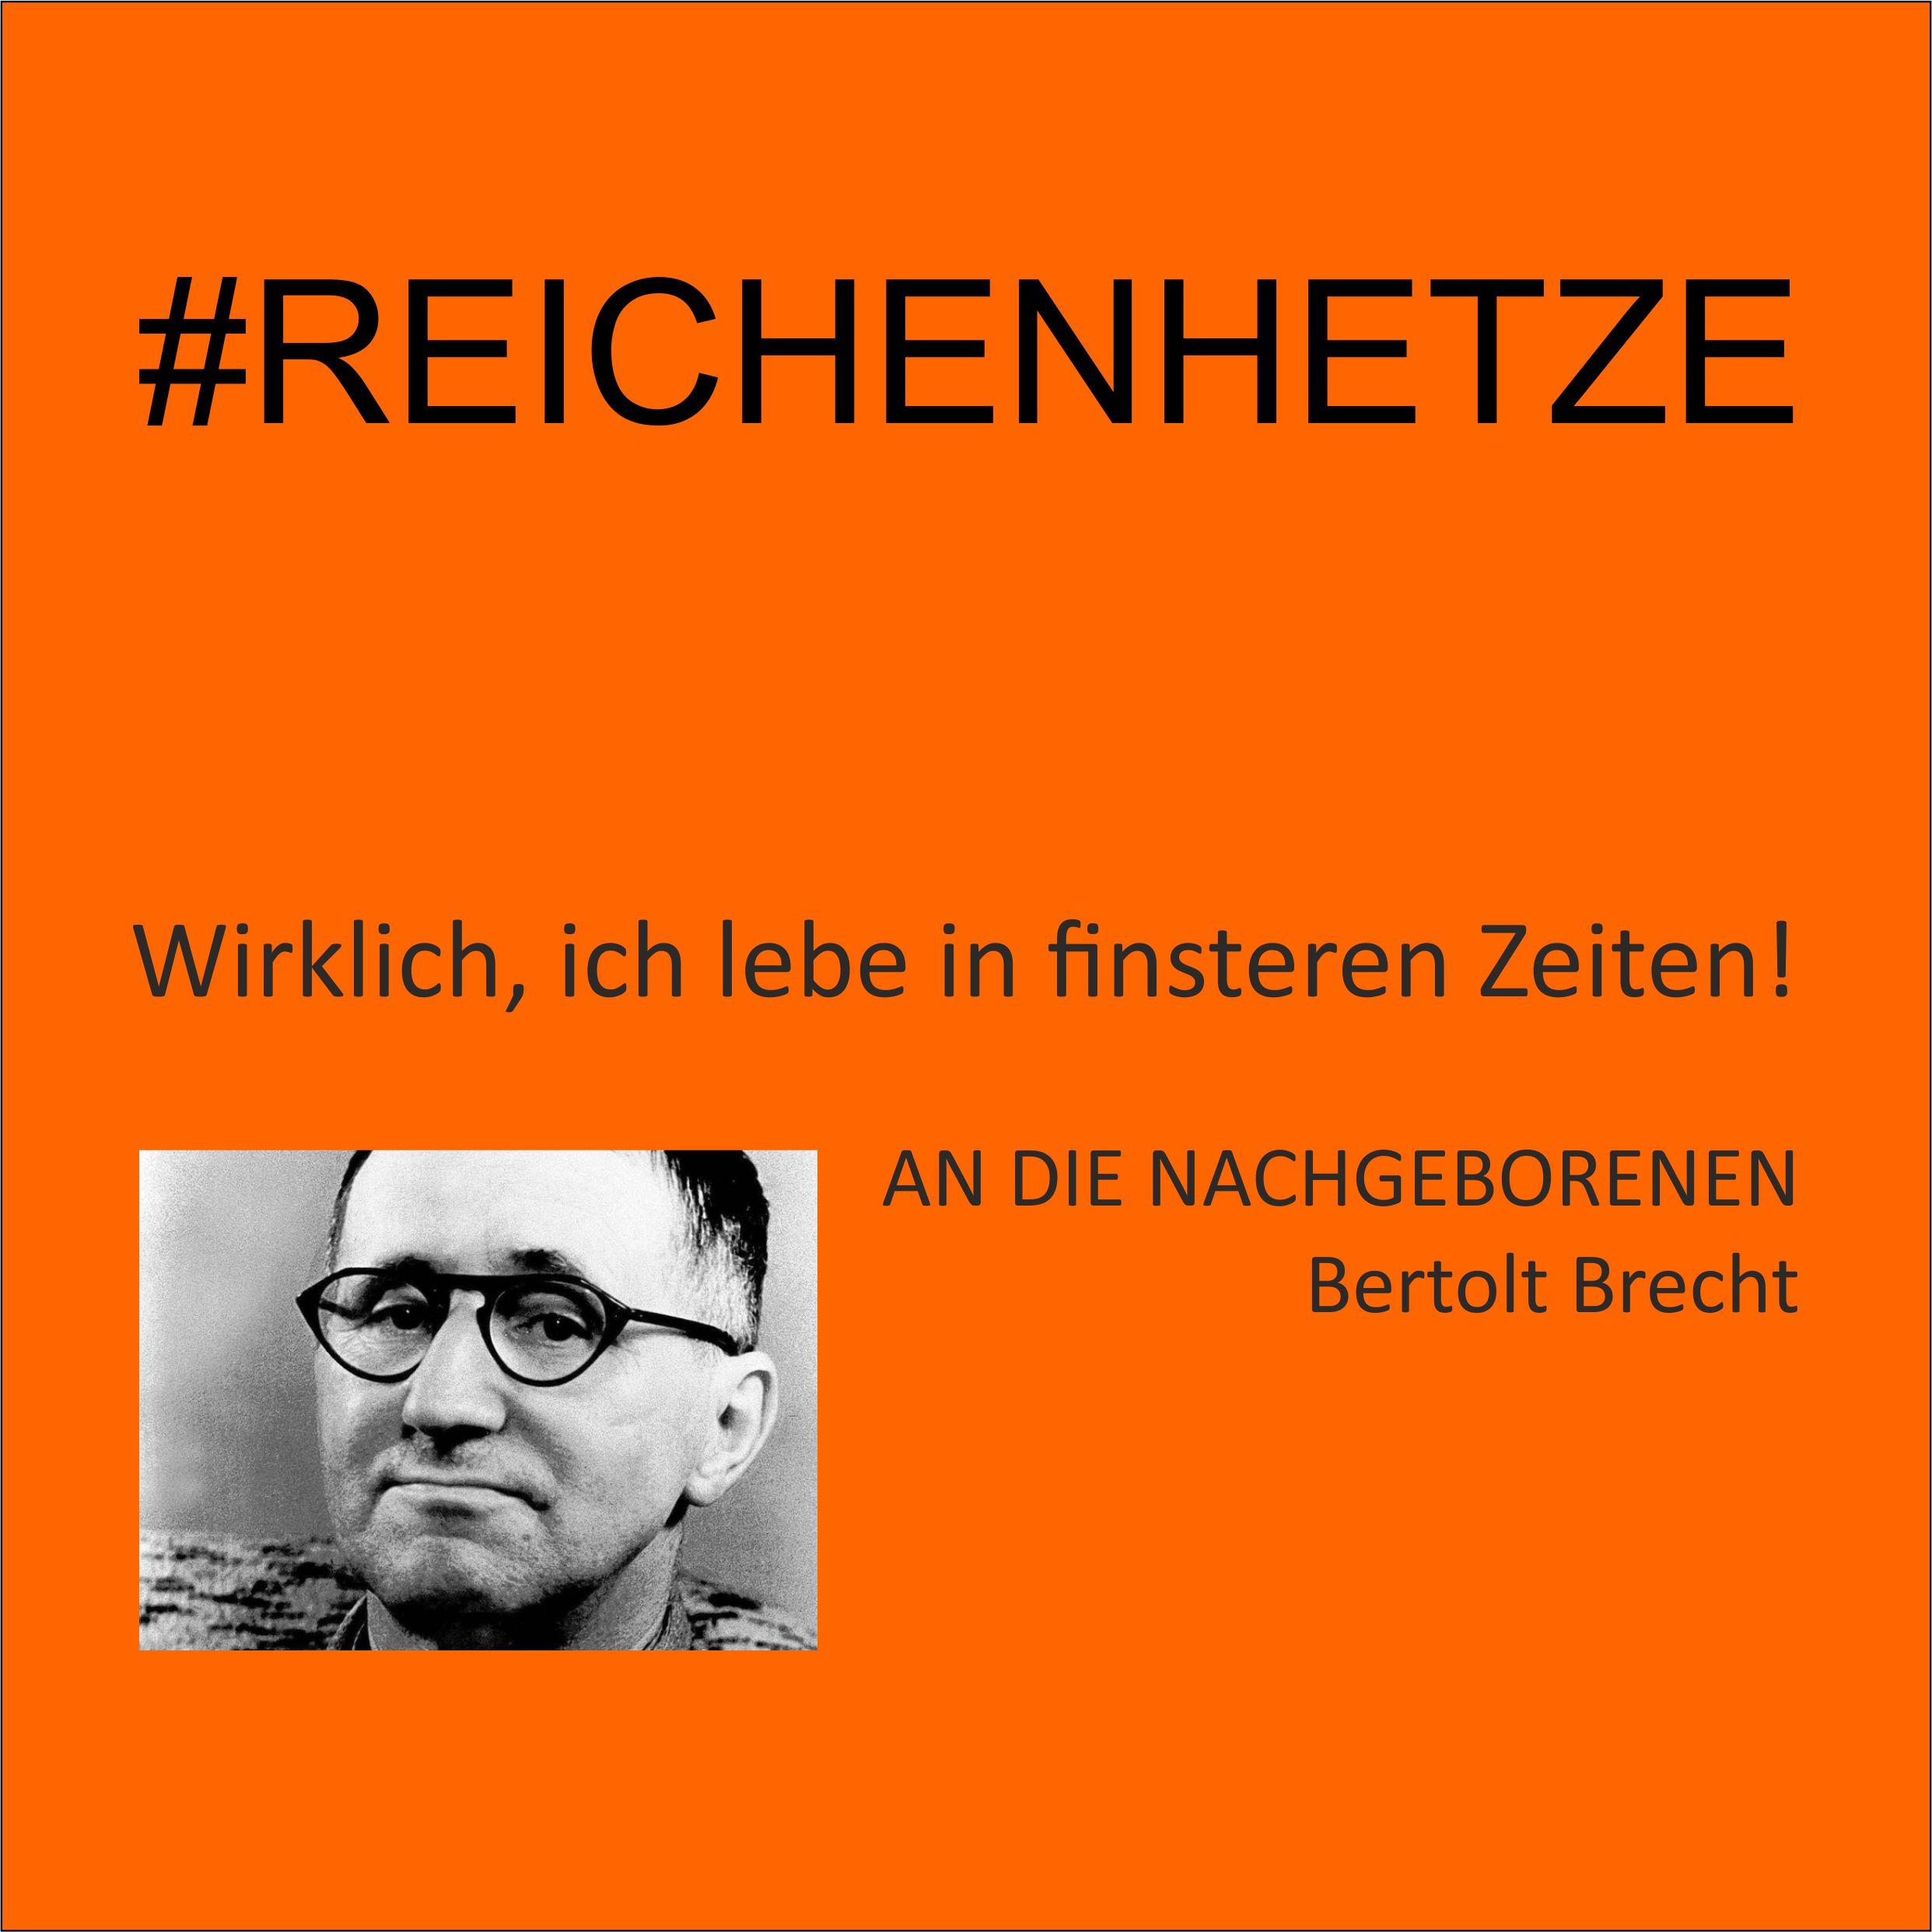 #Reichenhetze - Wahrlich, WIR leben in finsteren Zeiten